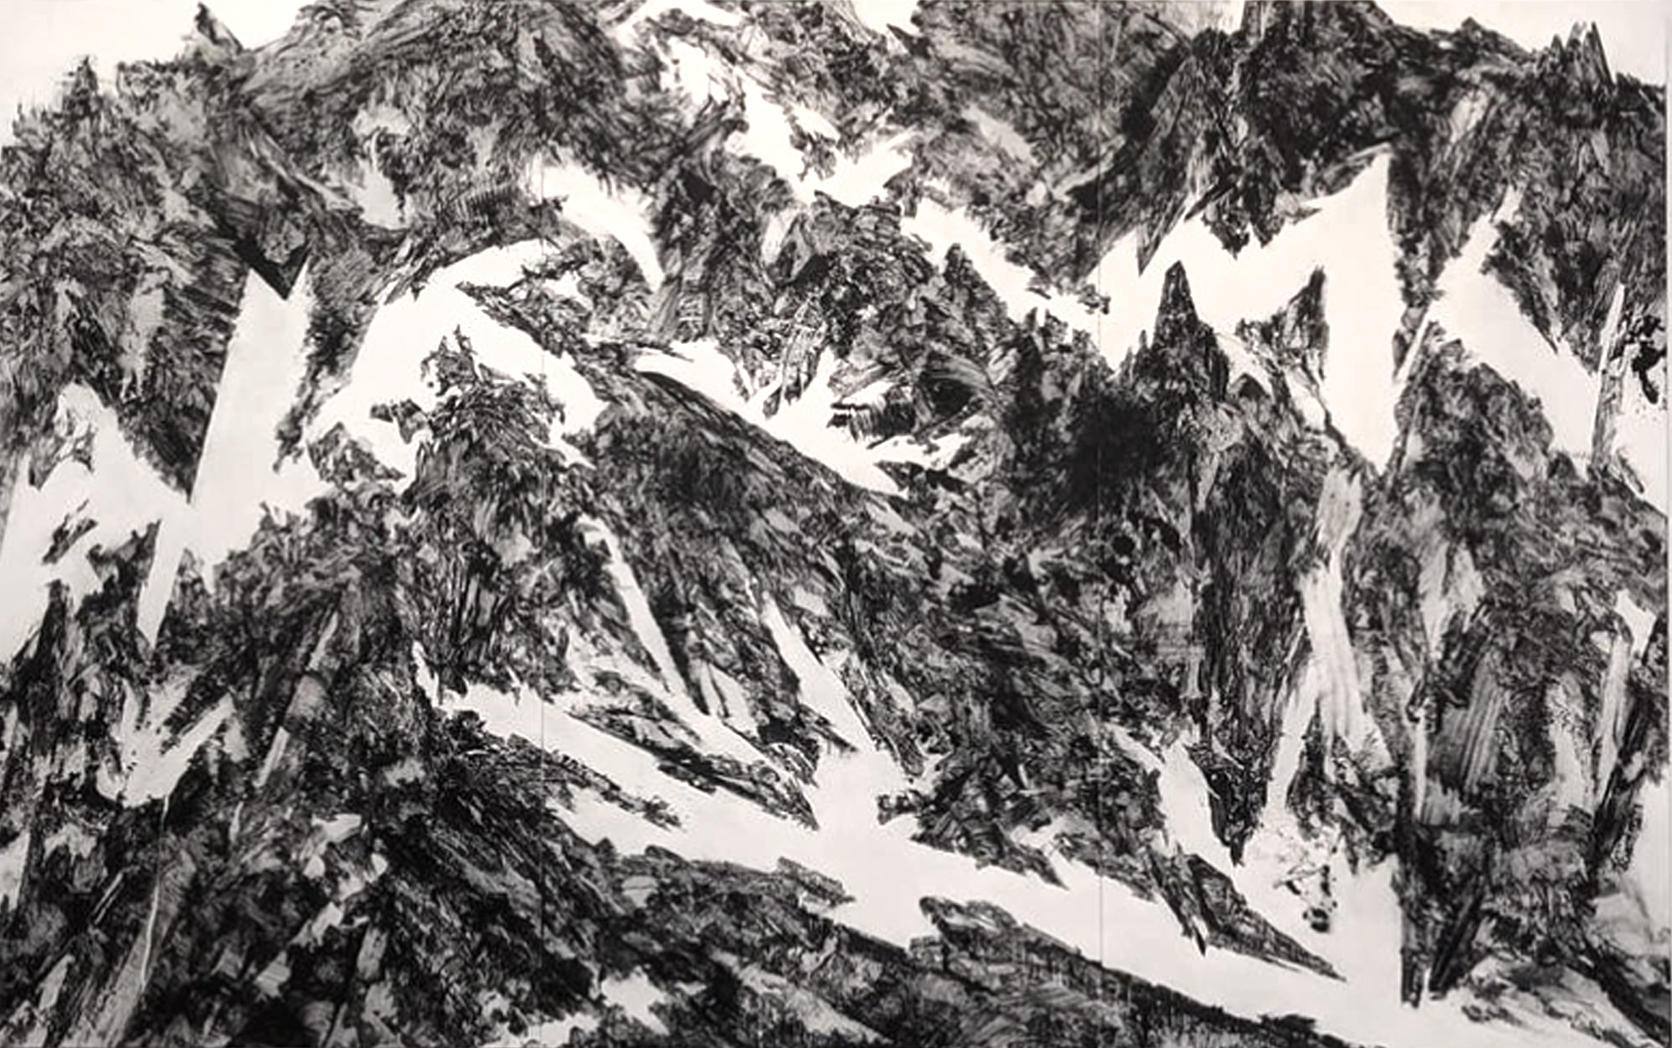 春原直人:VOCA展 @ 上野の森美術館